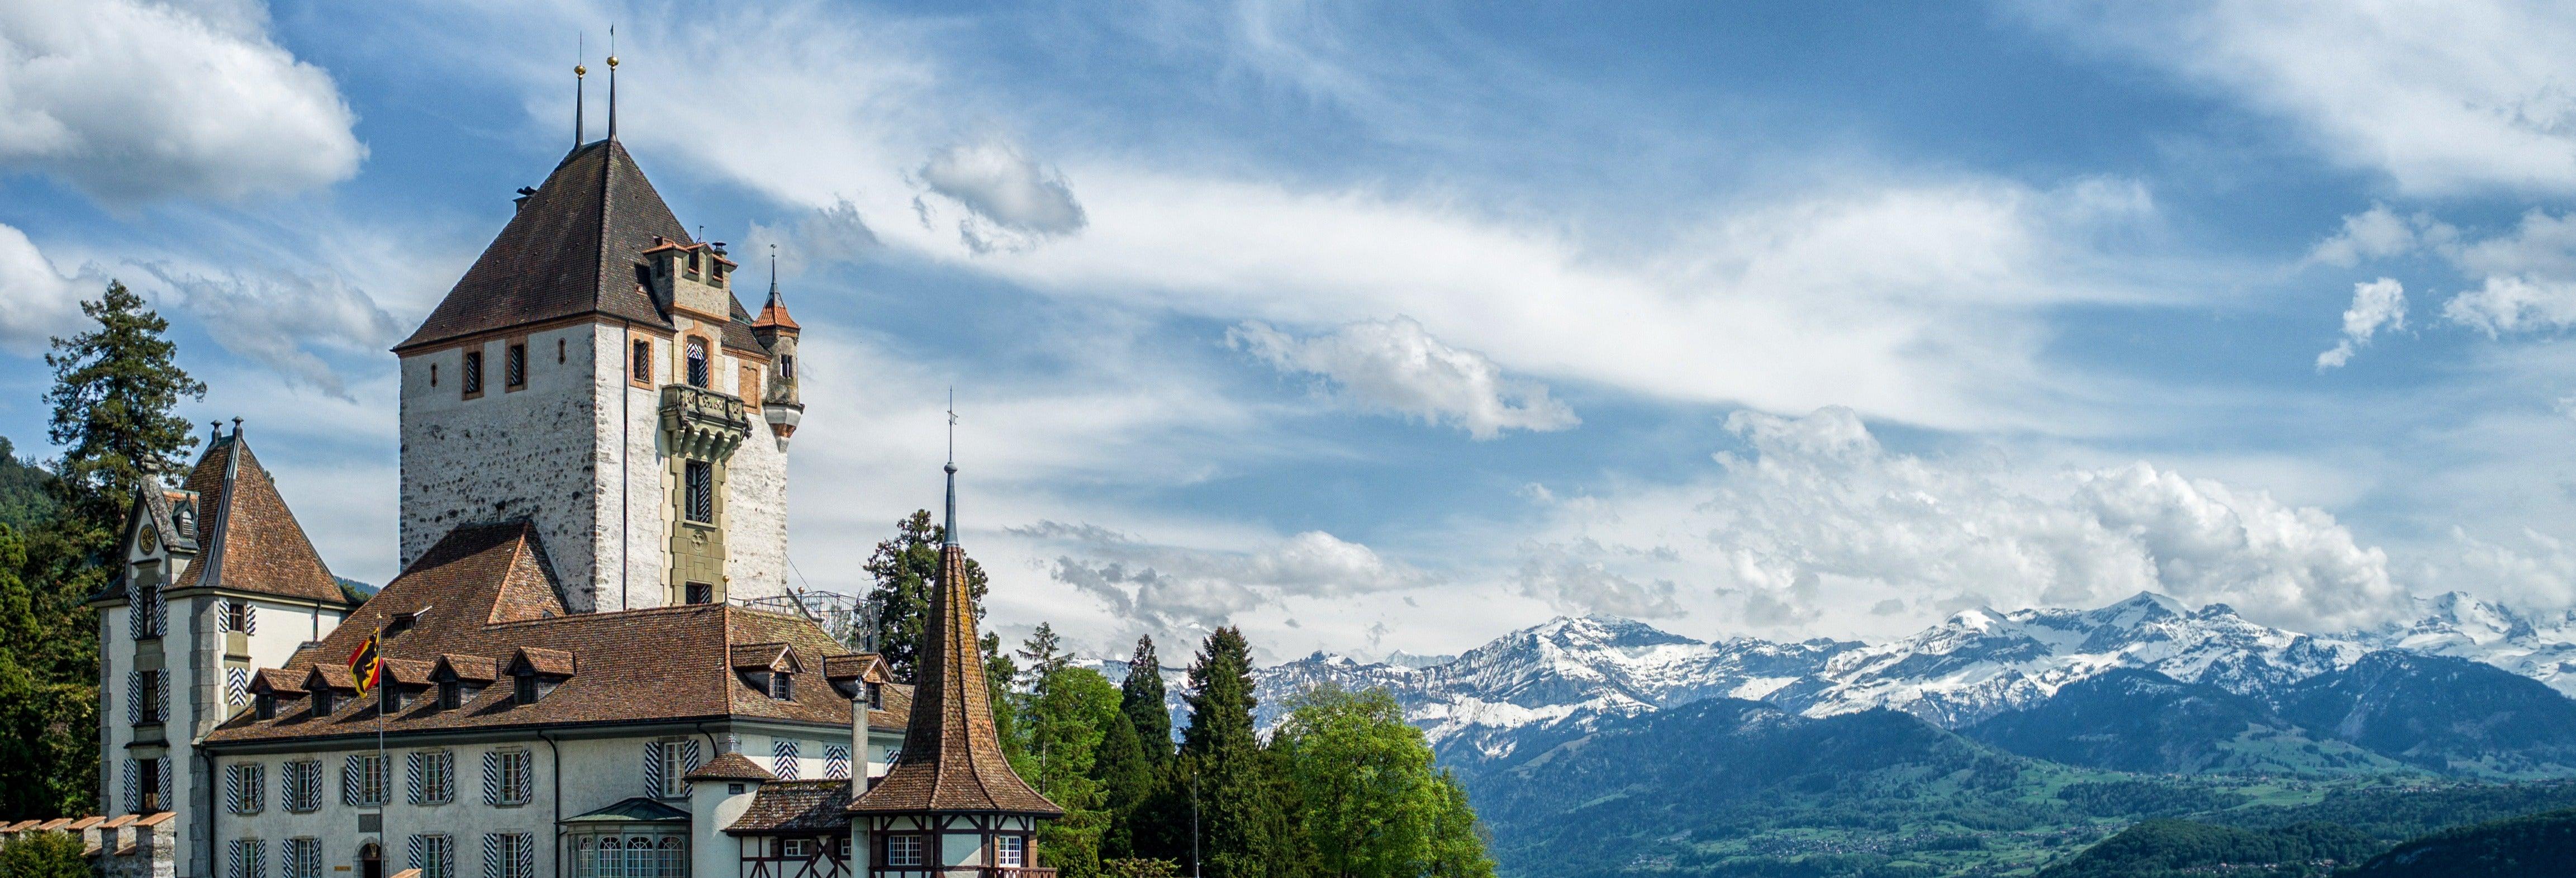 Escursione a Interlaken